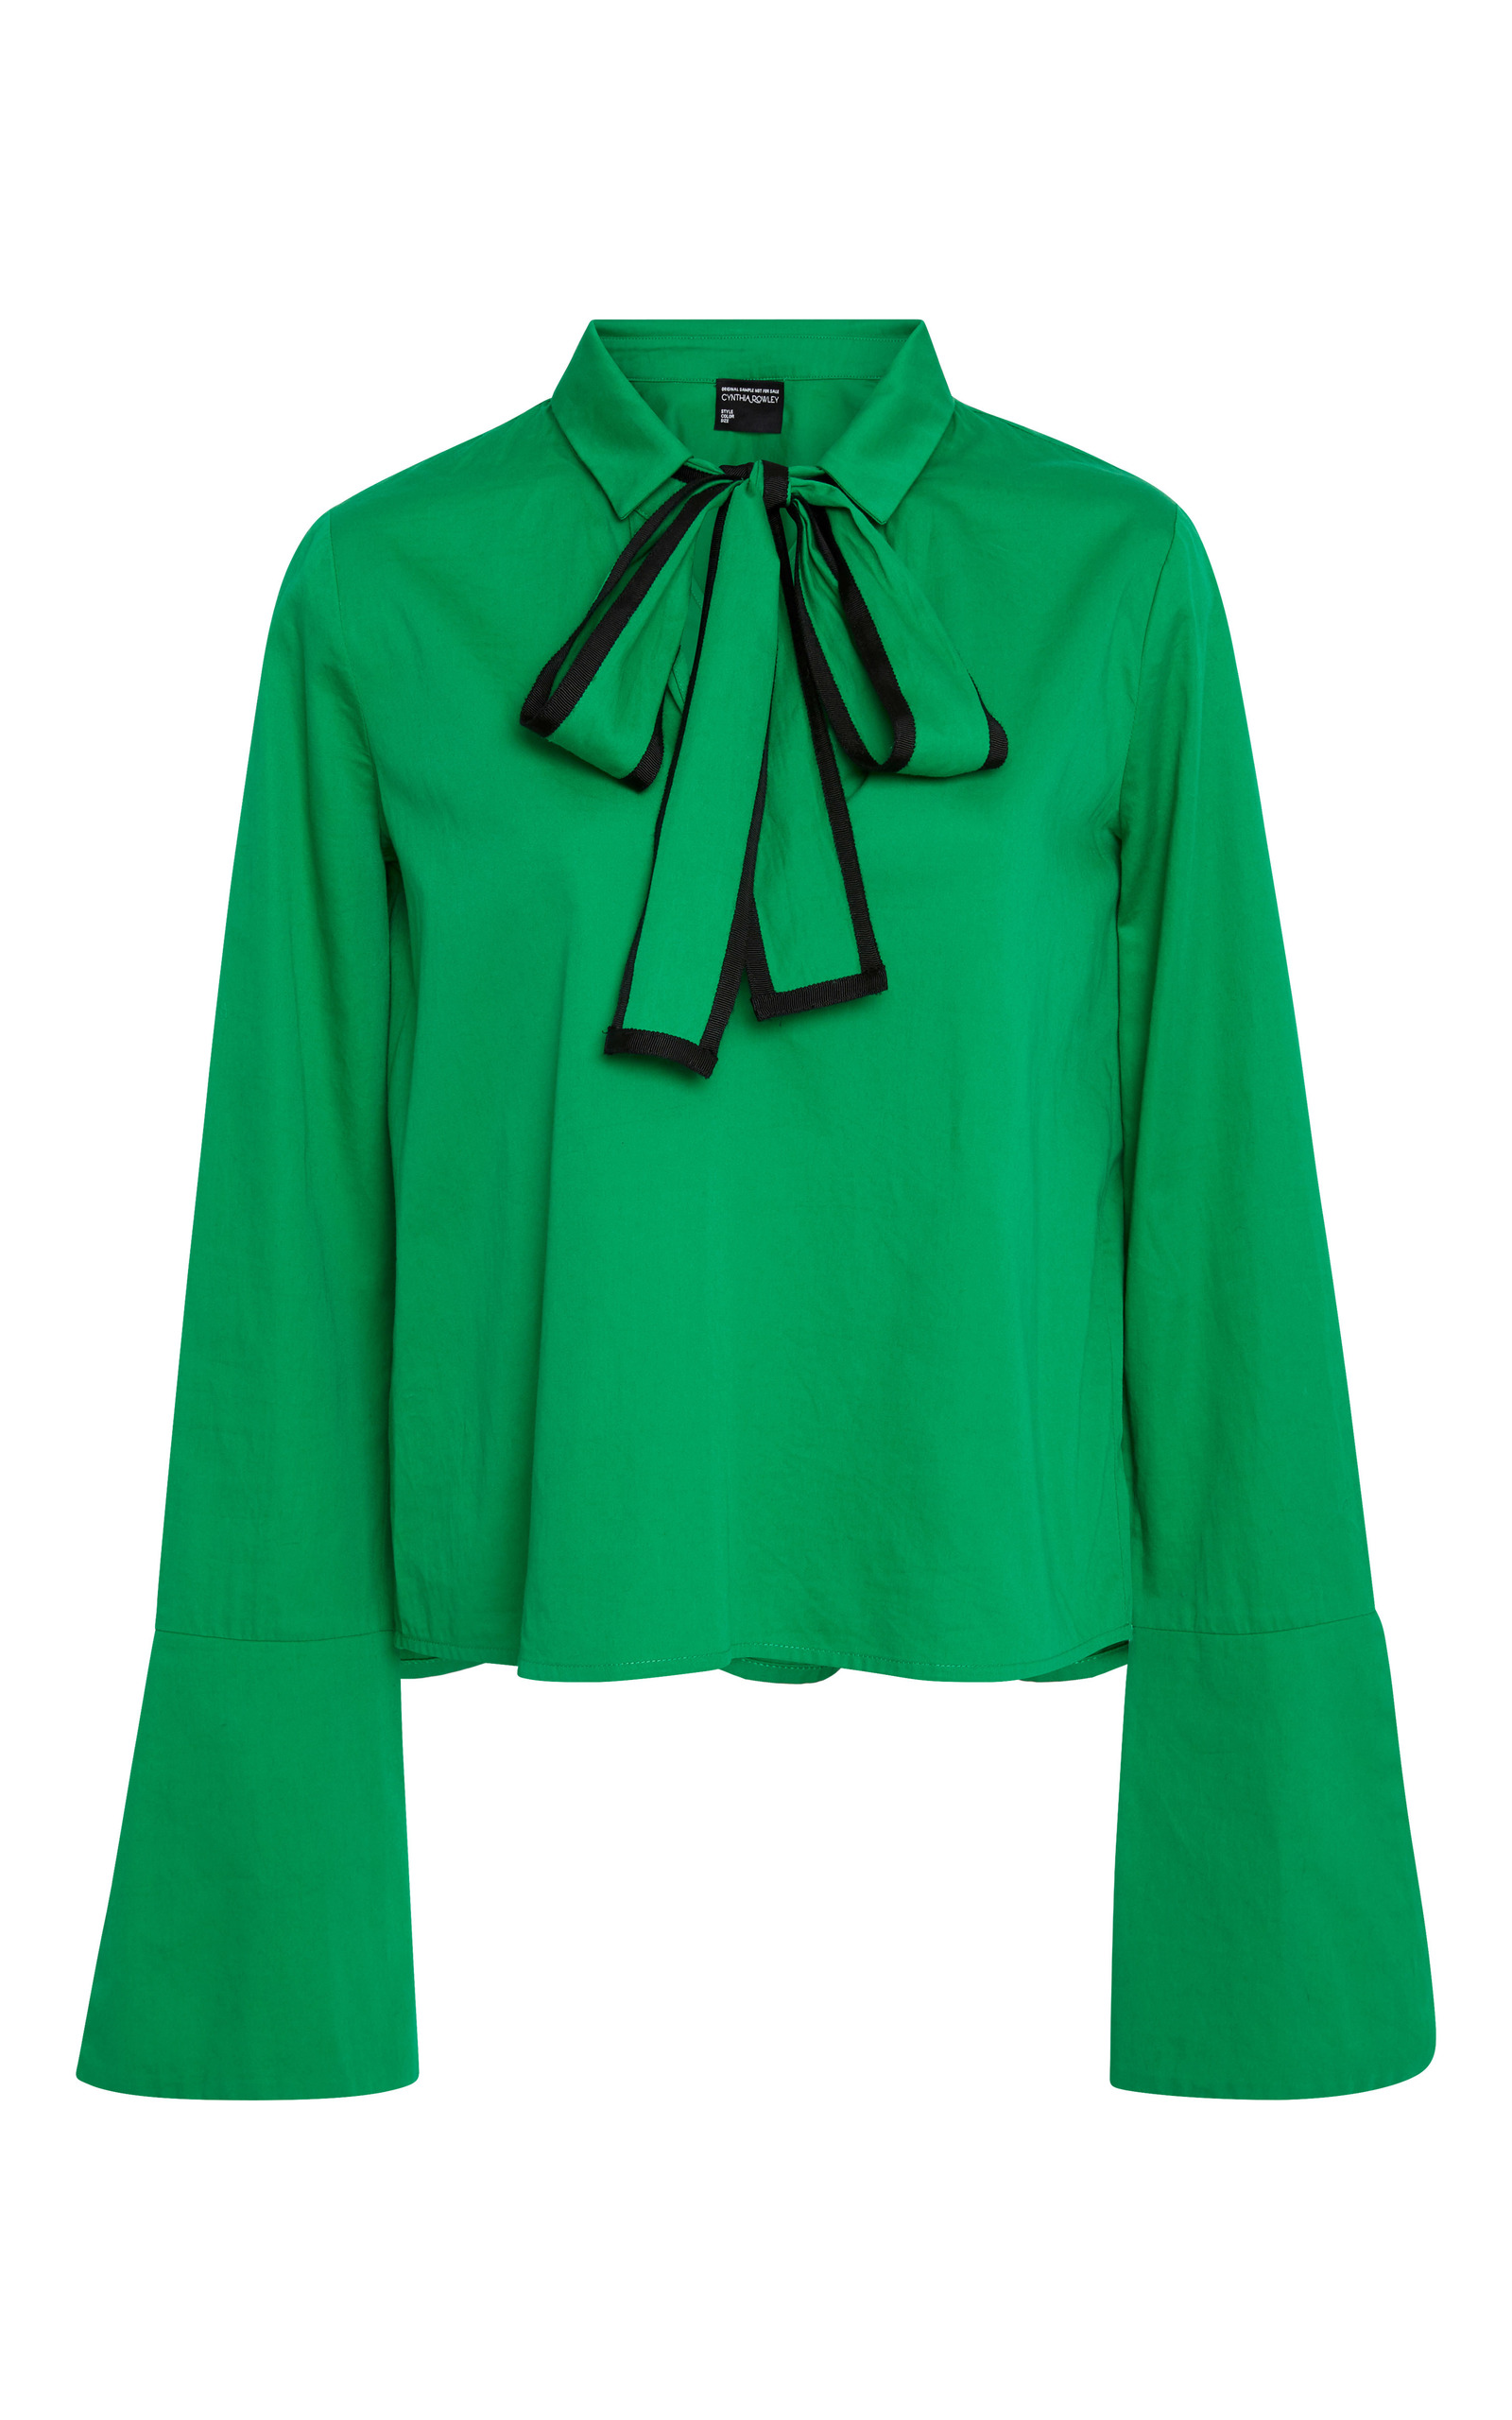 8111a0afa1 Cotton Poplin bow Top by Cynthia Rowley